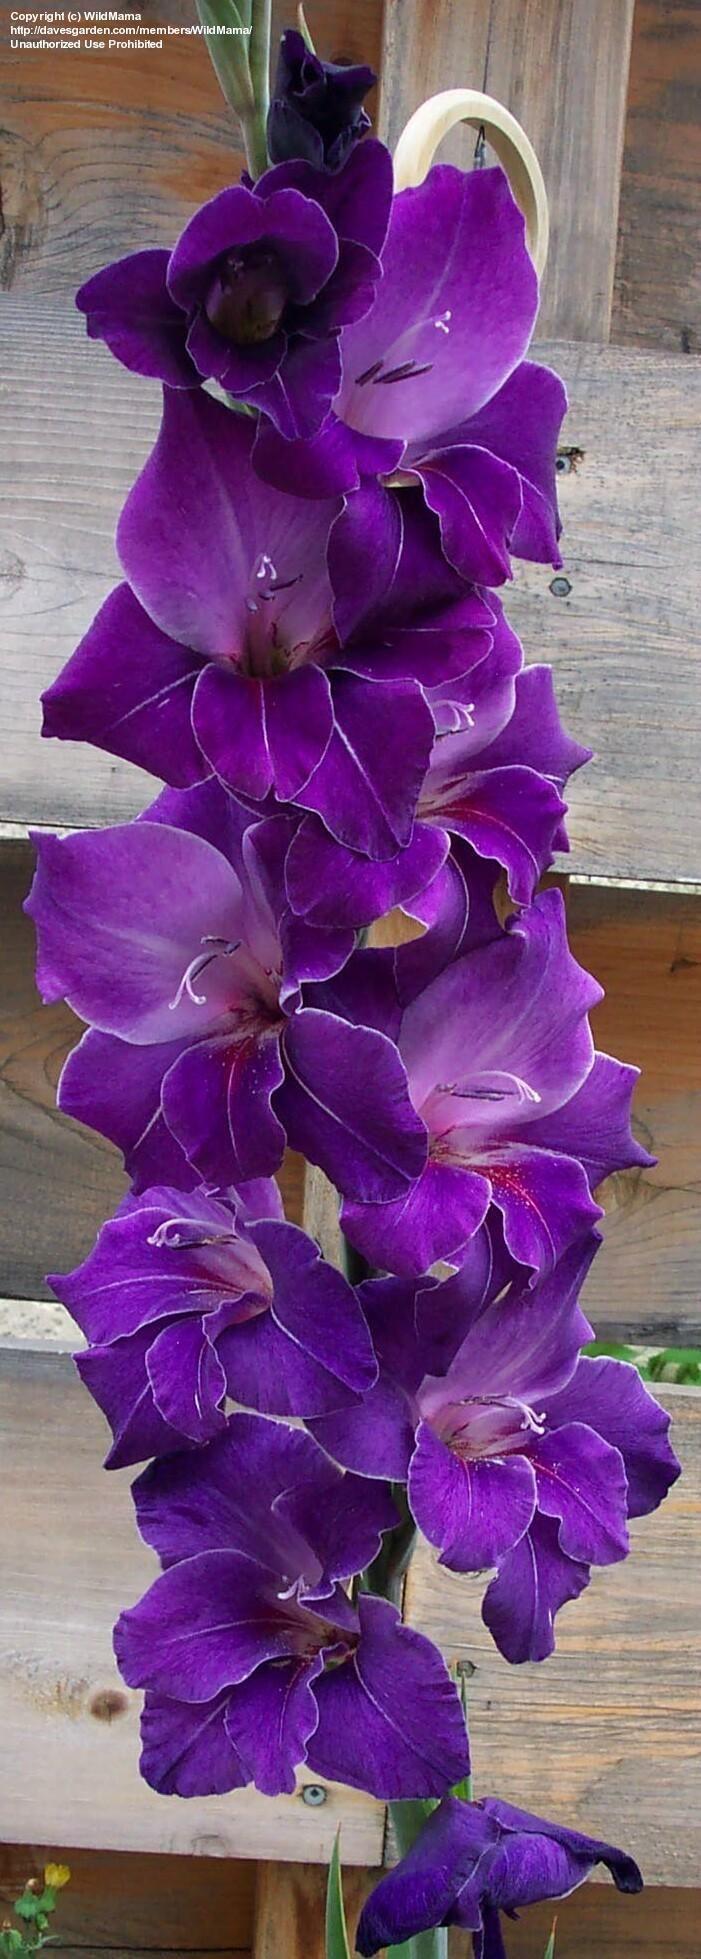 Gladiolus 'Violetta' Gladiolus x hortulanus